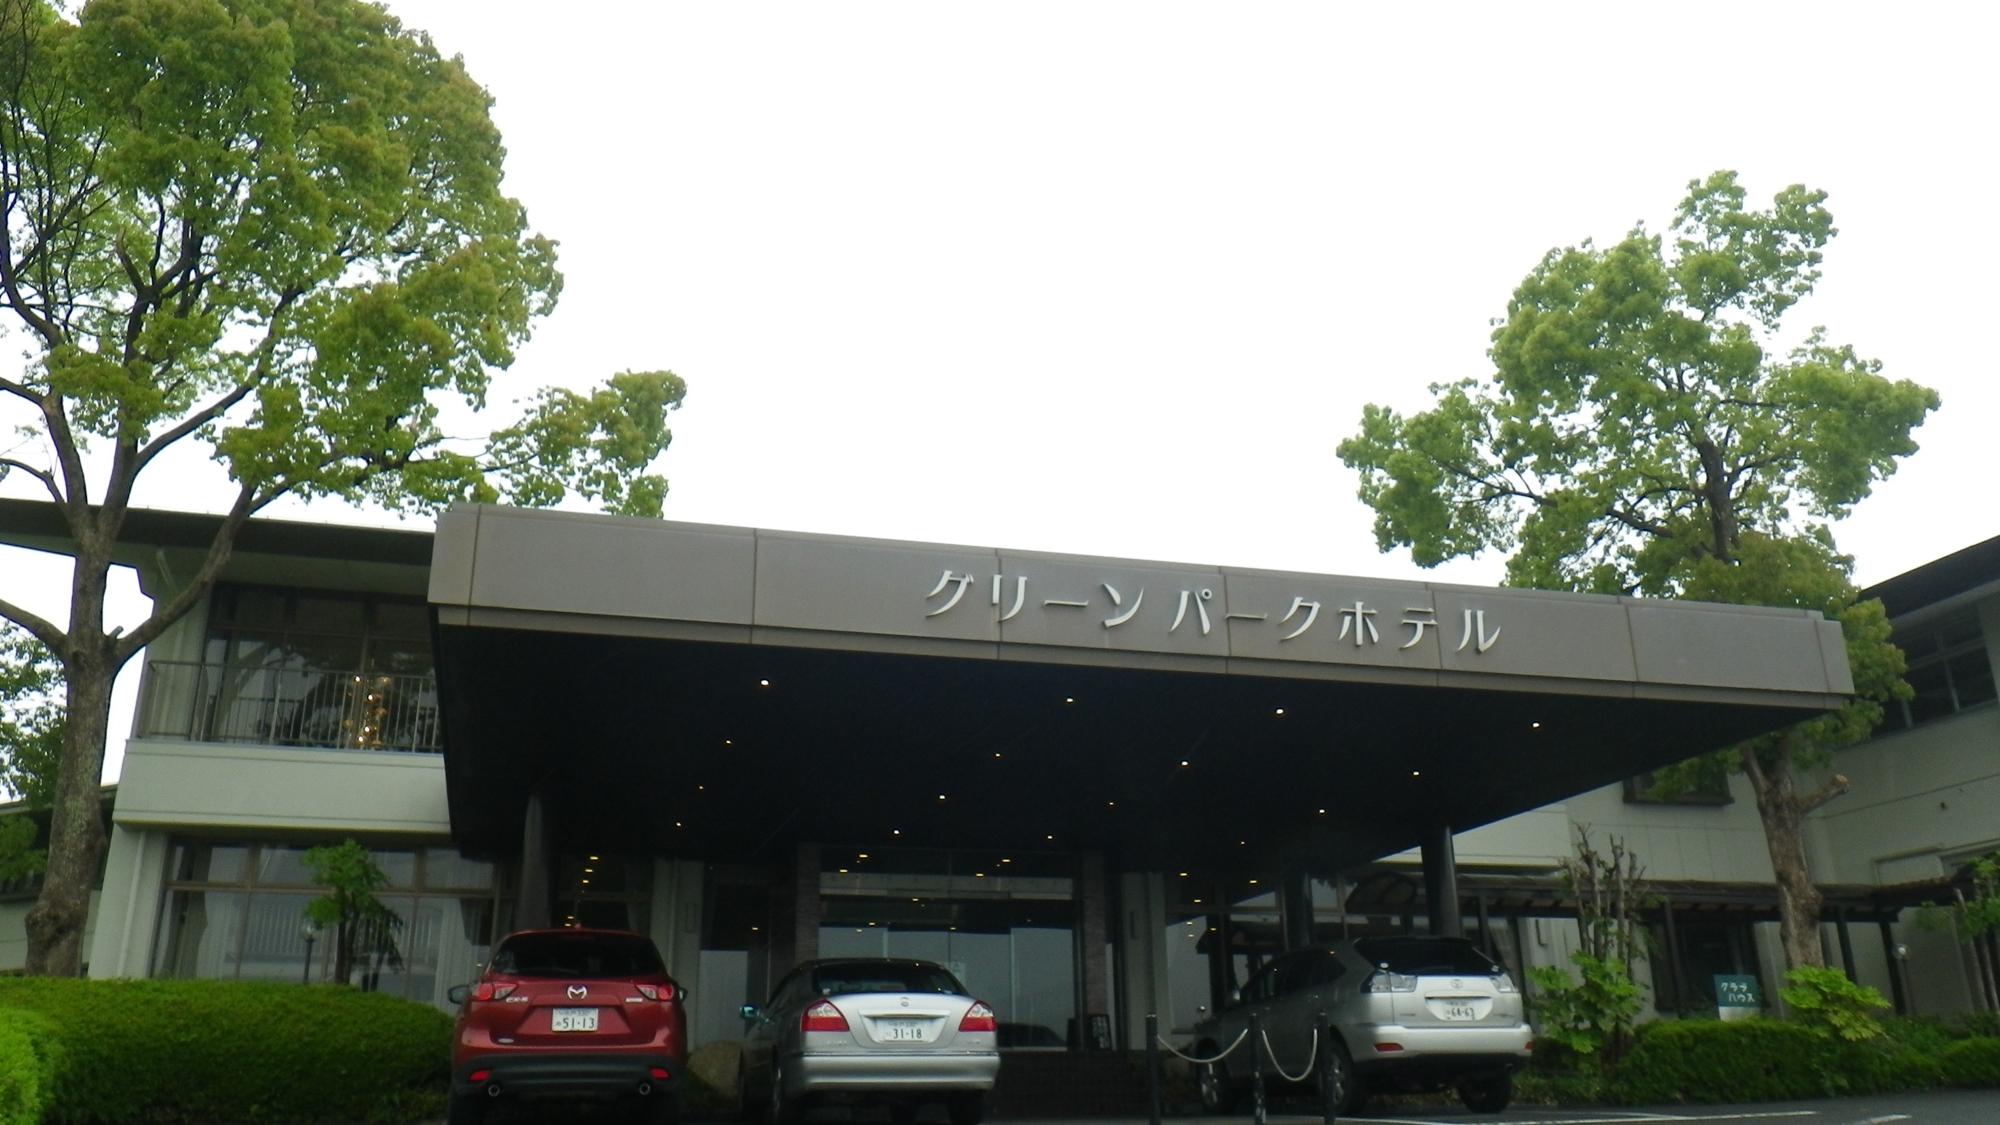 茨城パシフイックカントリー倶楽部 グリーンパークホテル...